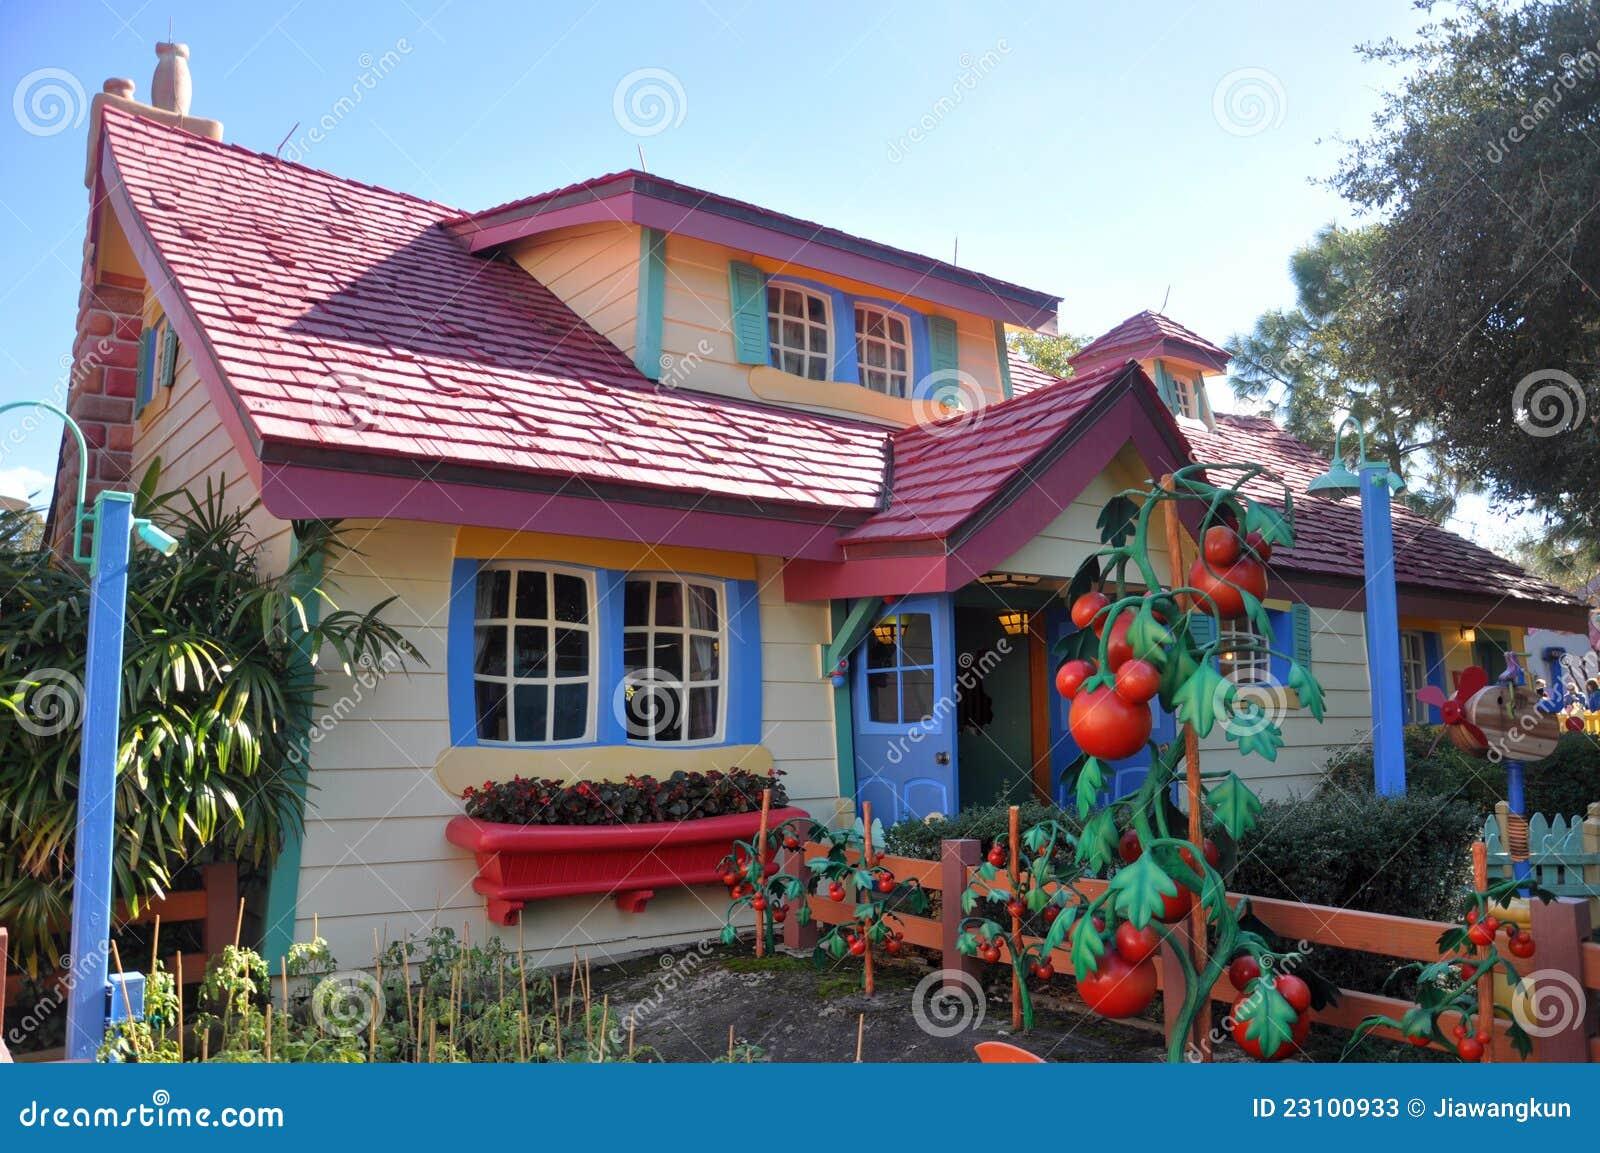 La maison de campagne de mickey monde orlando de disney for La maison de campagne